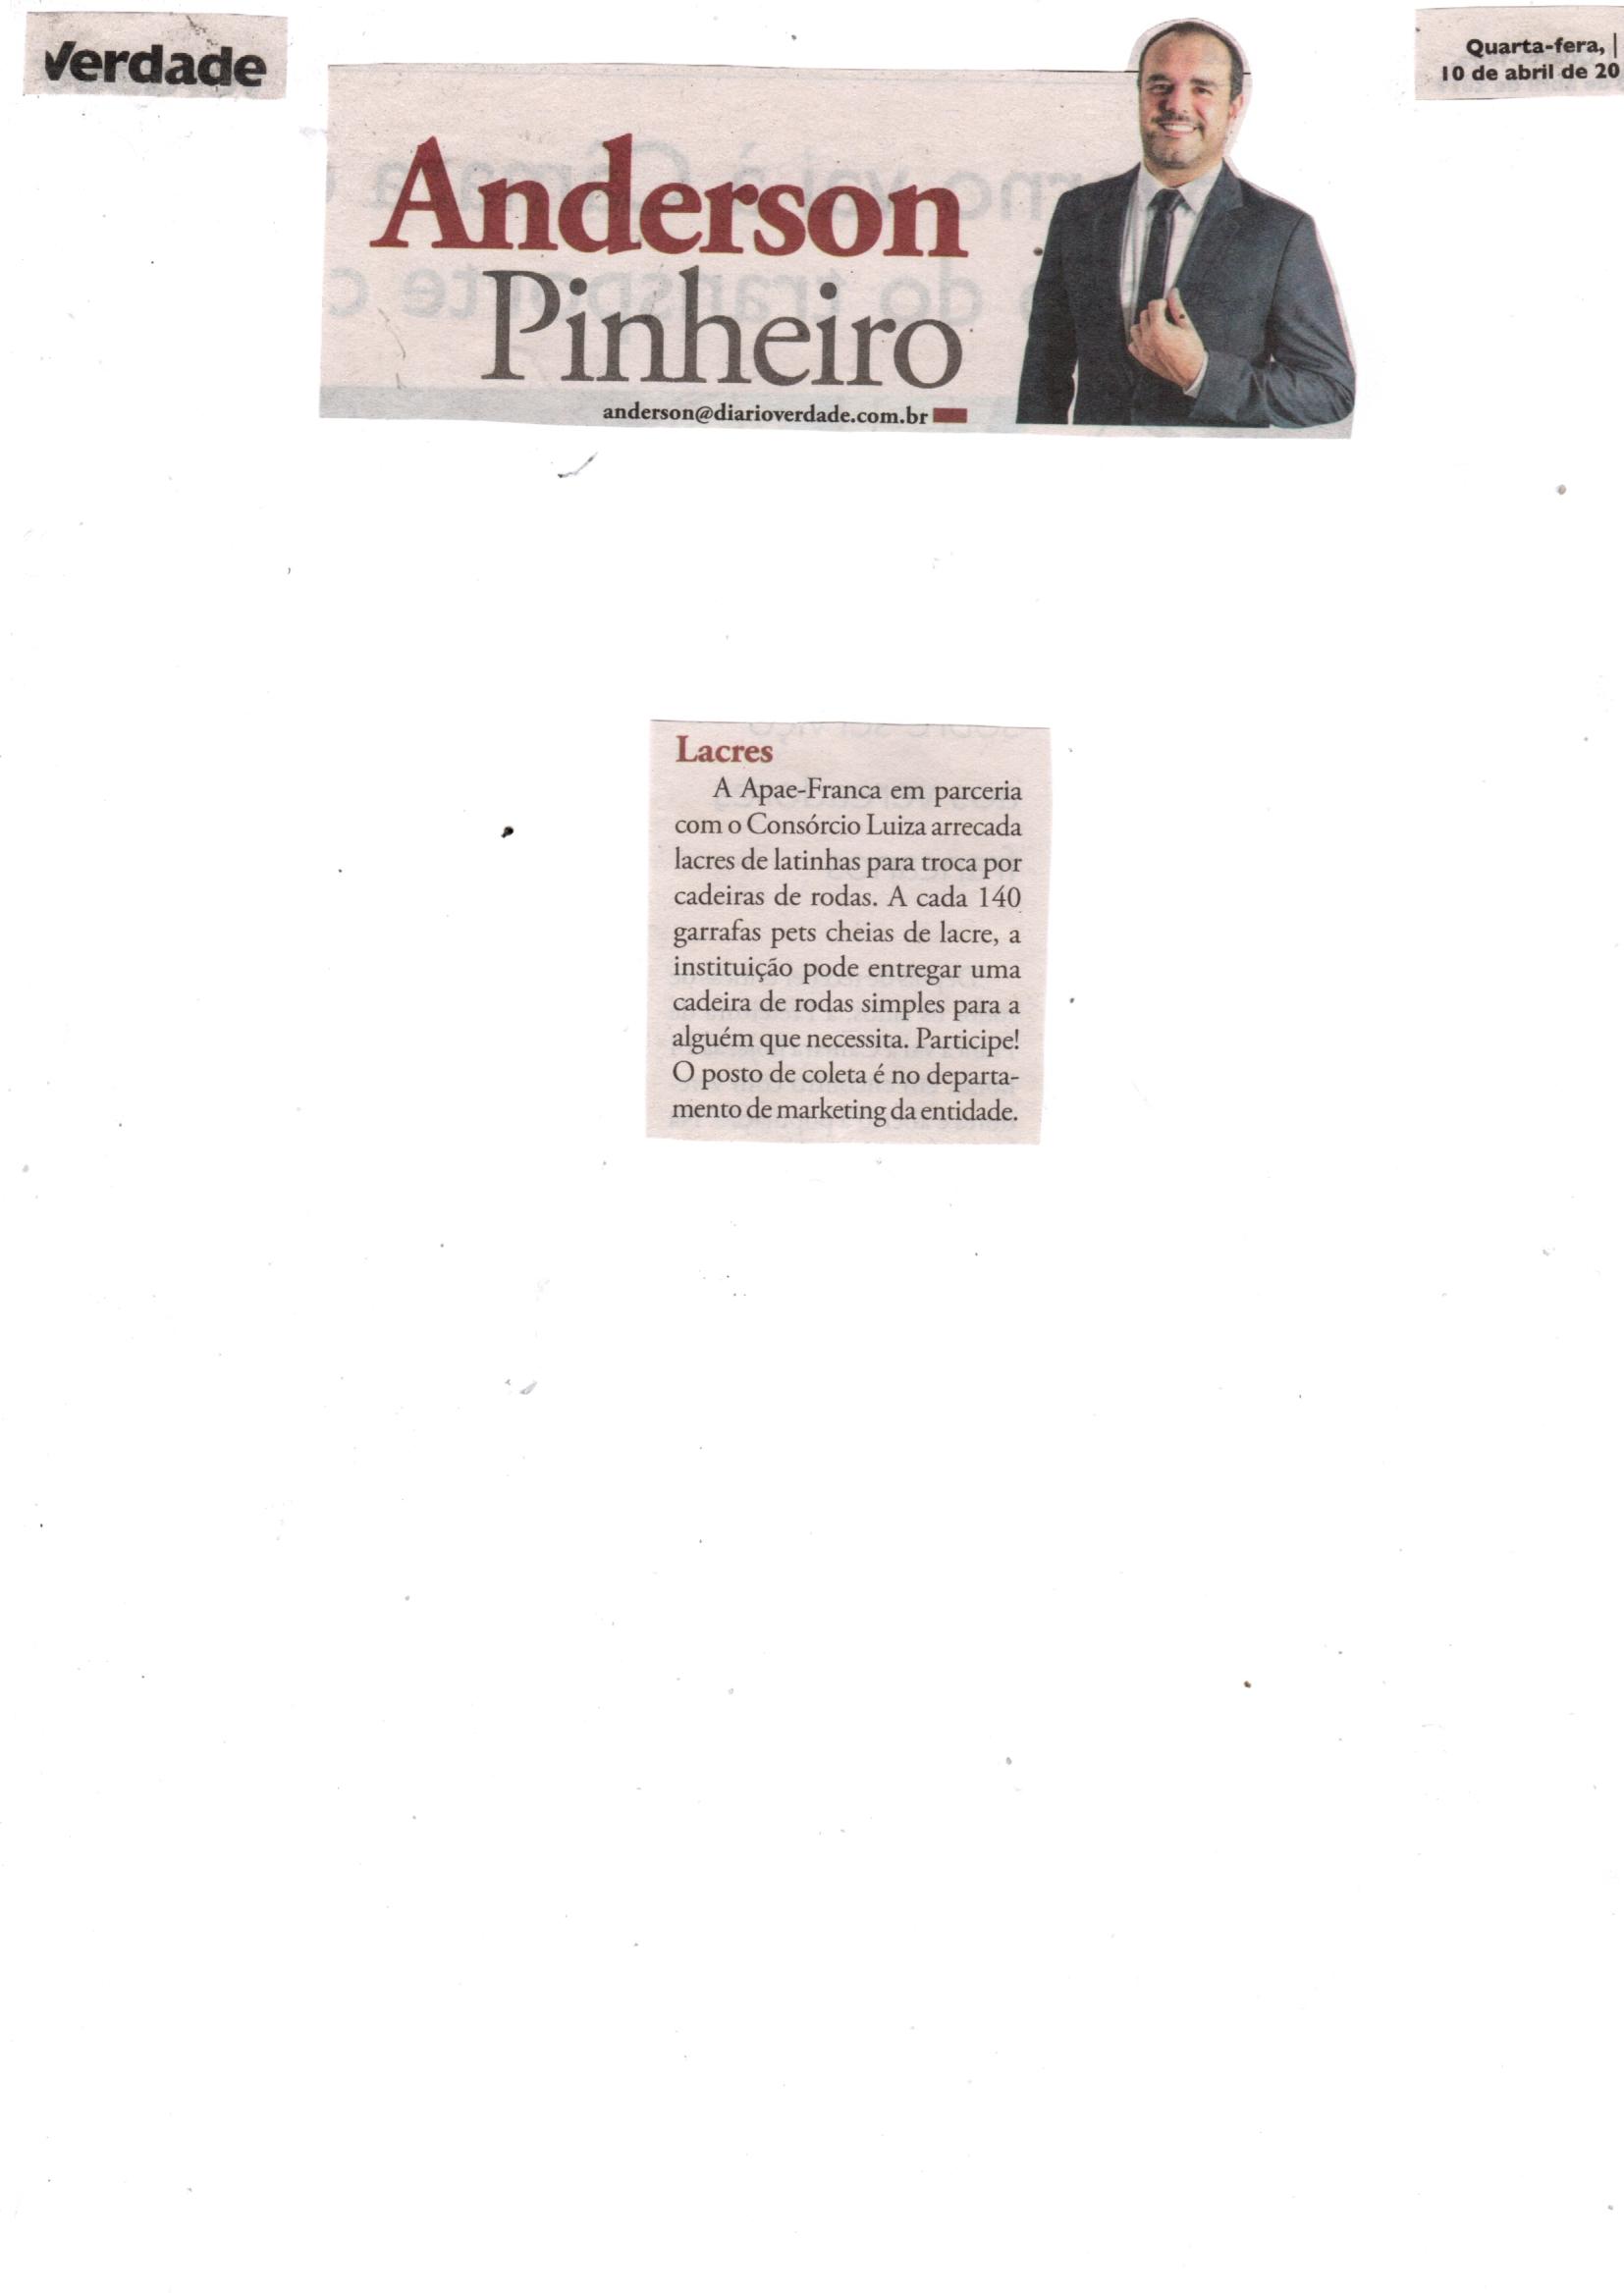 411ed9dab 10/04/19 - DIÁRIOVERDADE - Coluna Anderson Pinheiro - Lacres de latinha -  100419-diariover.